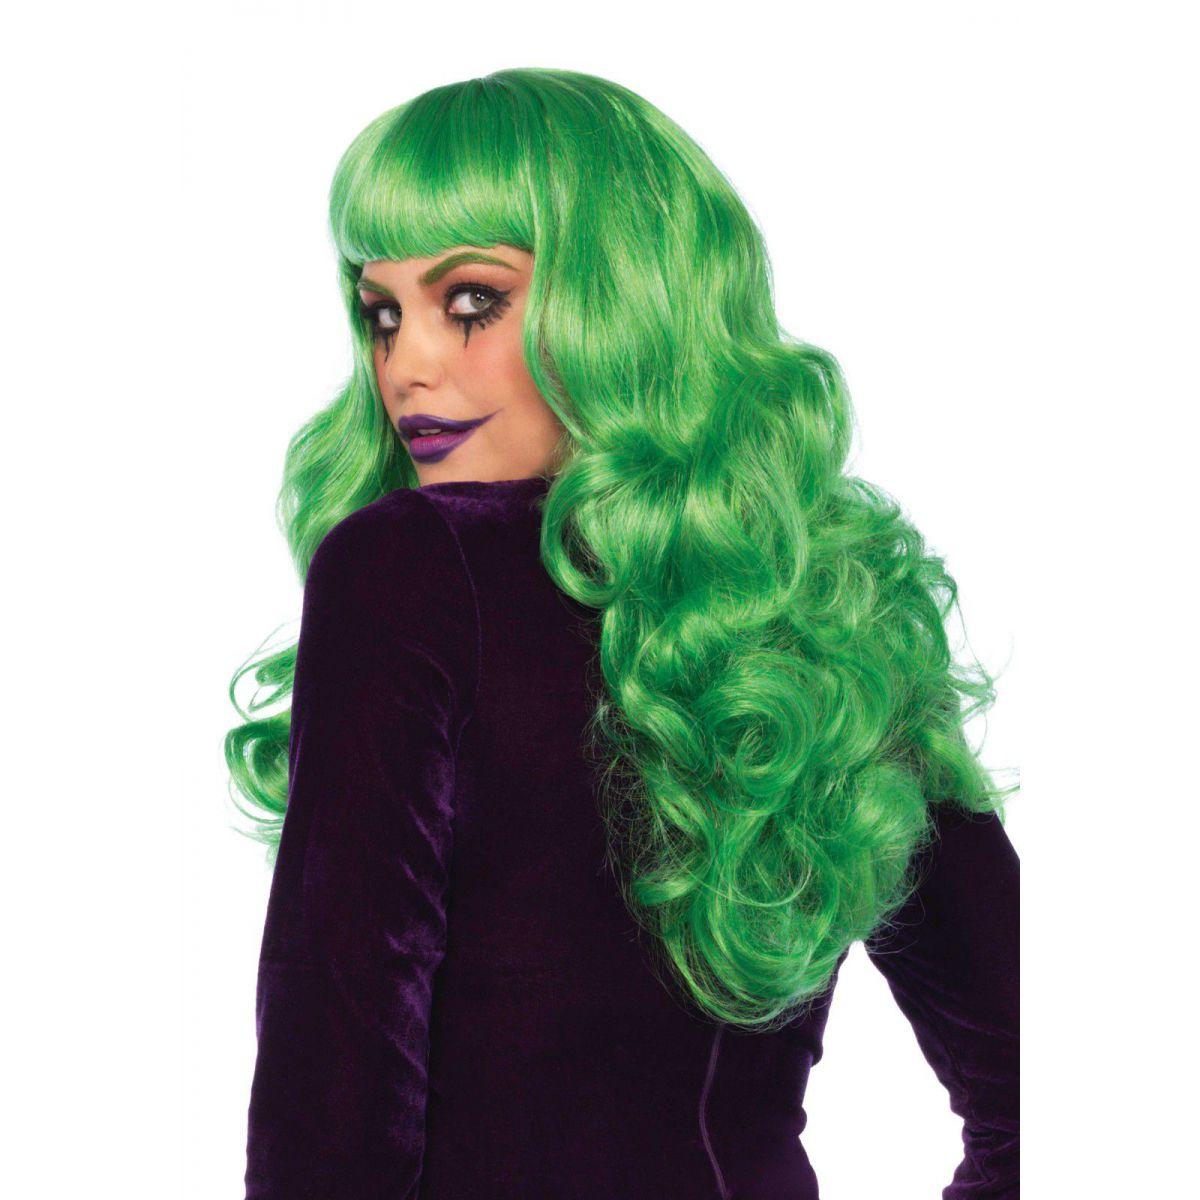 Peluca de fantasía de pelo largo ondulado de color verde con flequillo